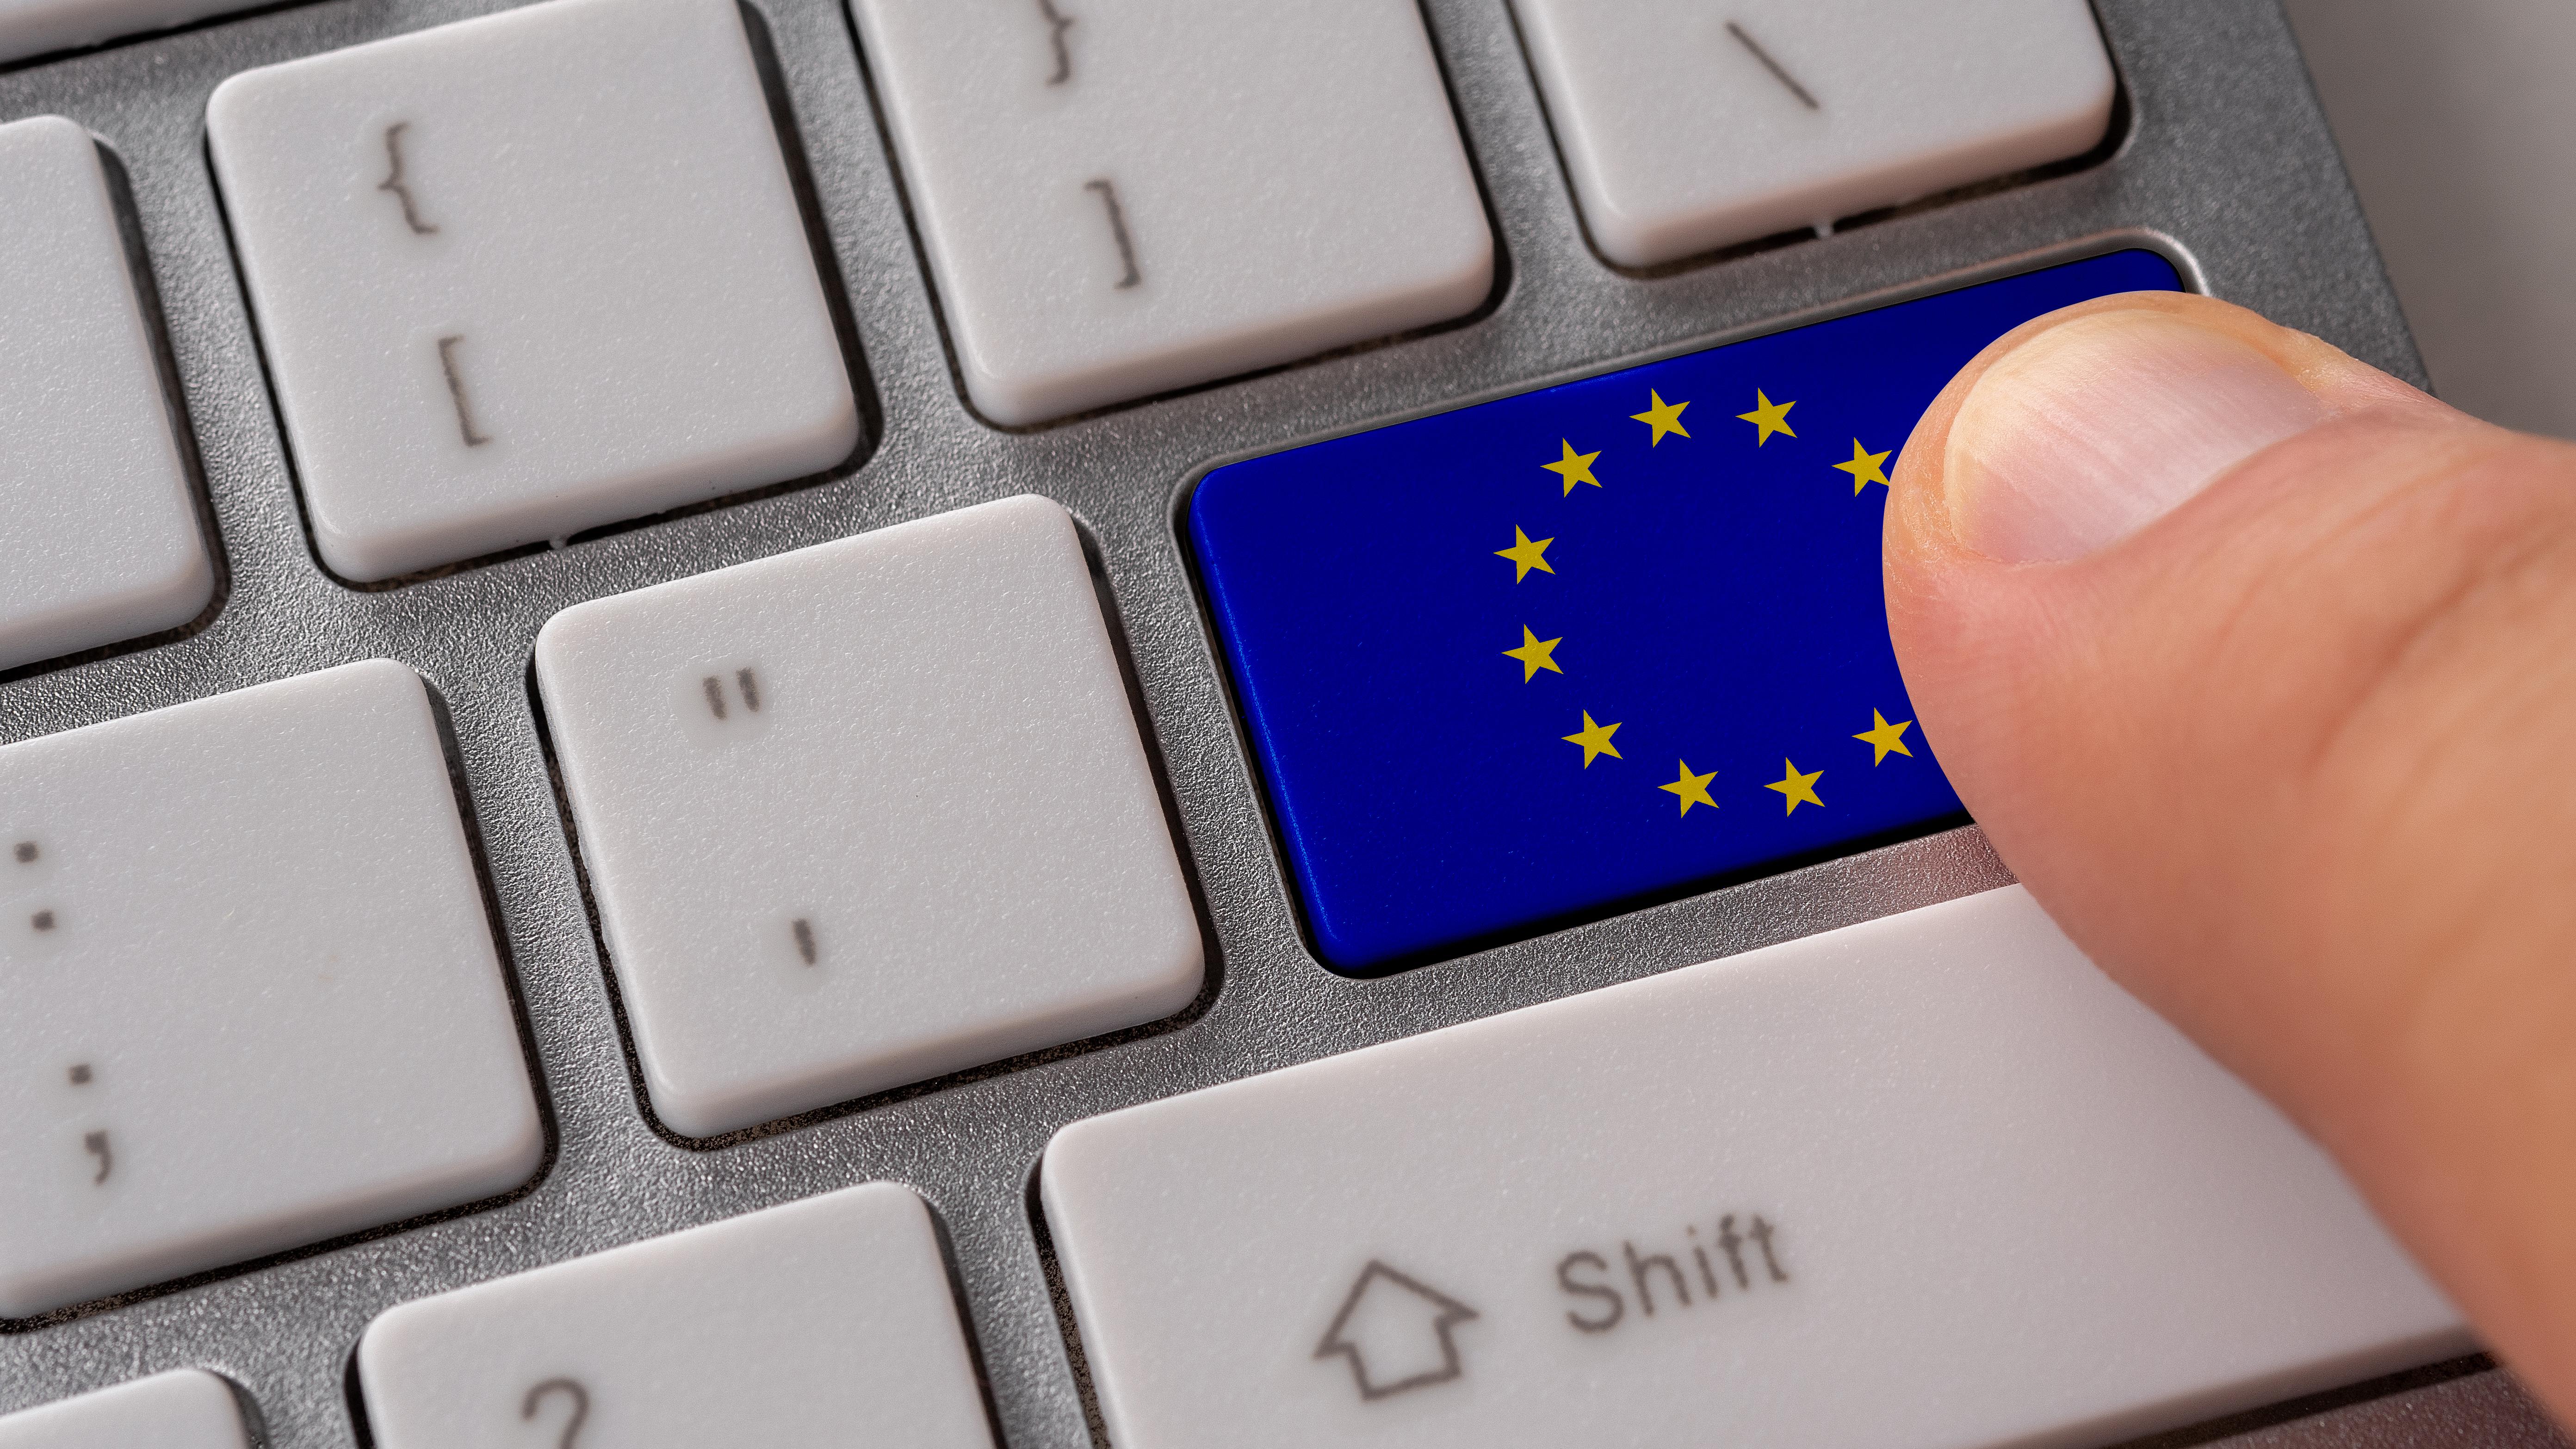 Работа в странах ЕС через интернет